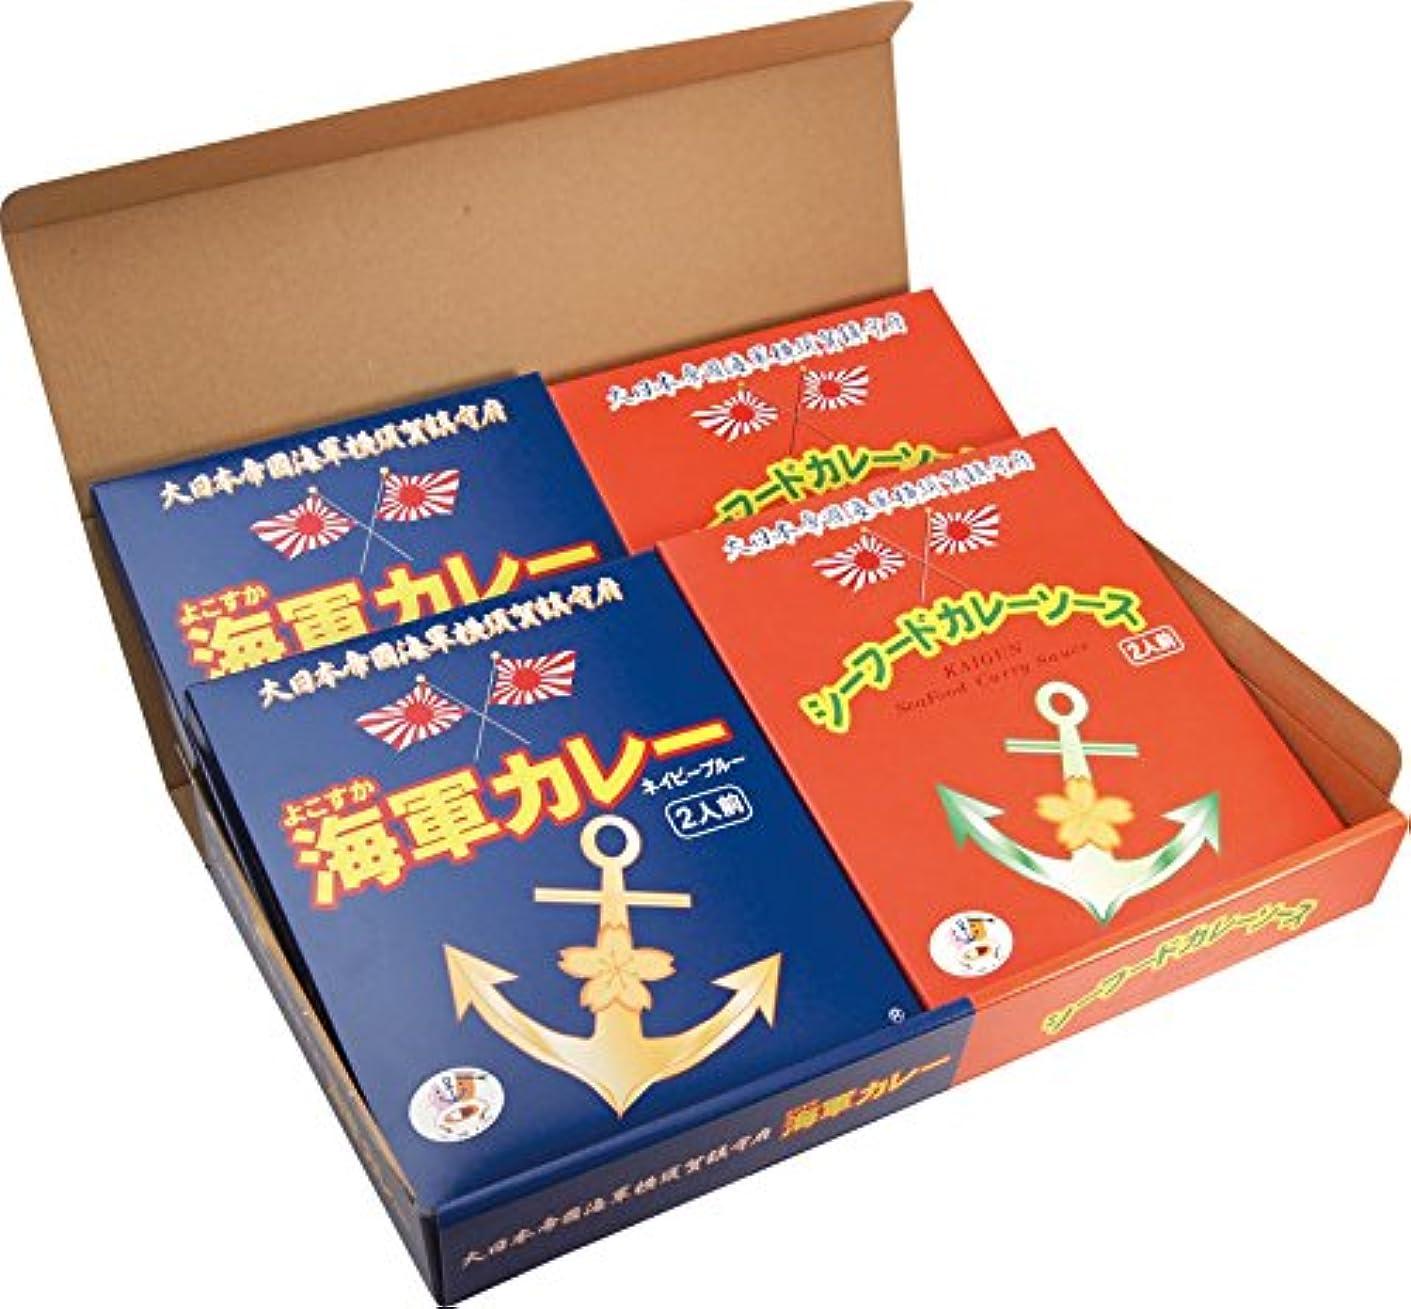 遅れ罪詐欺調味商事 よこすか海軍カレーネイビーブルー4食&シーフードカレーソース4食 計8食ギフトセット